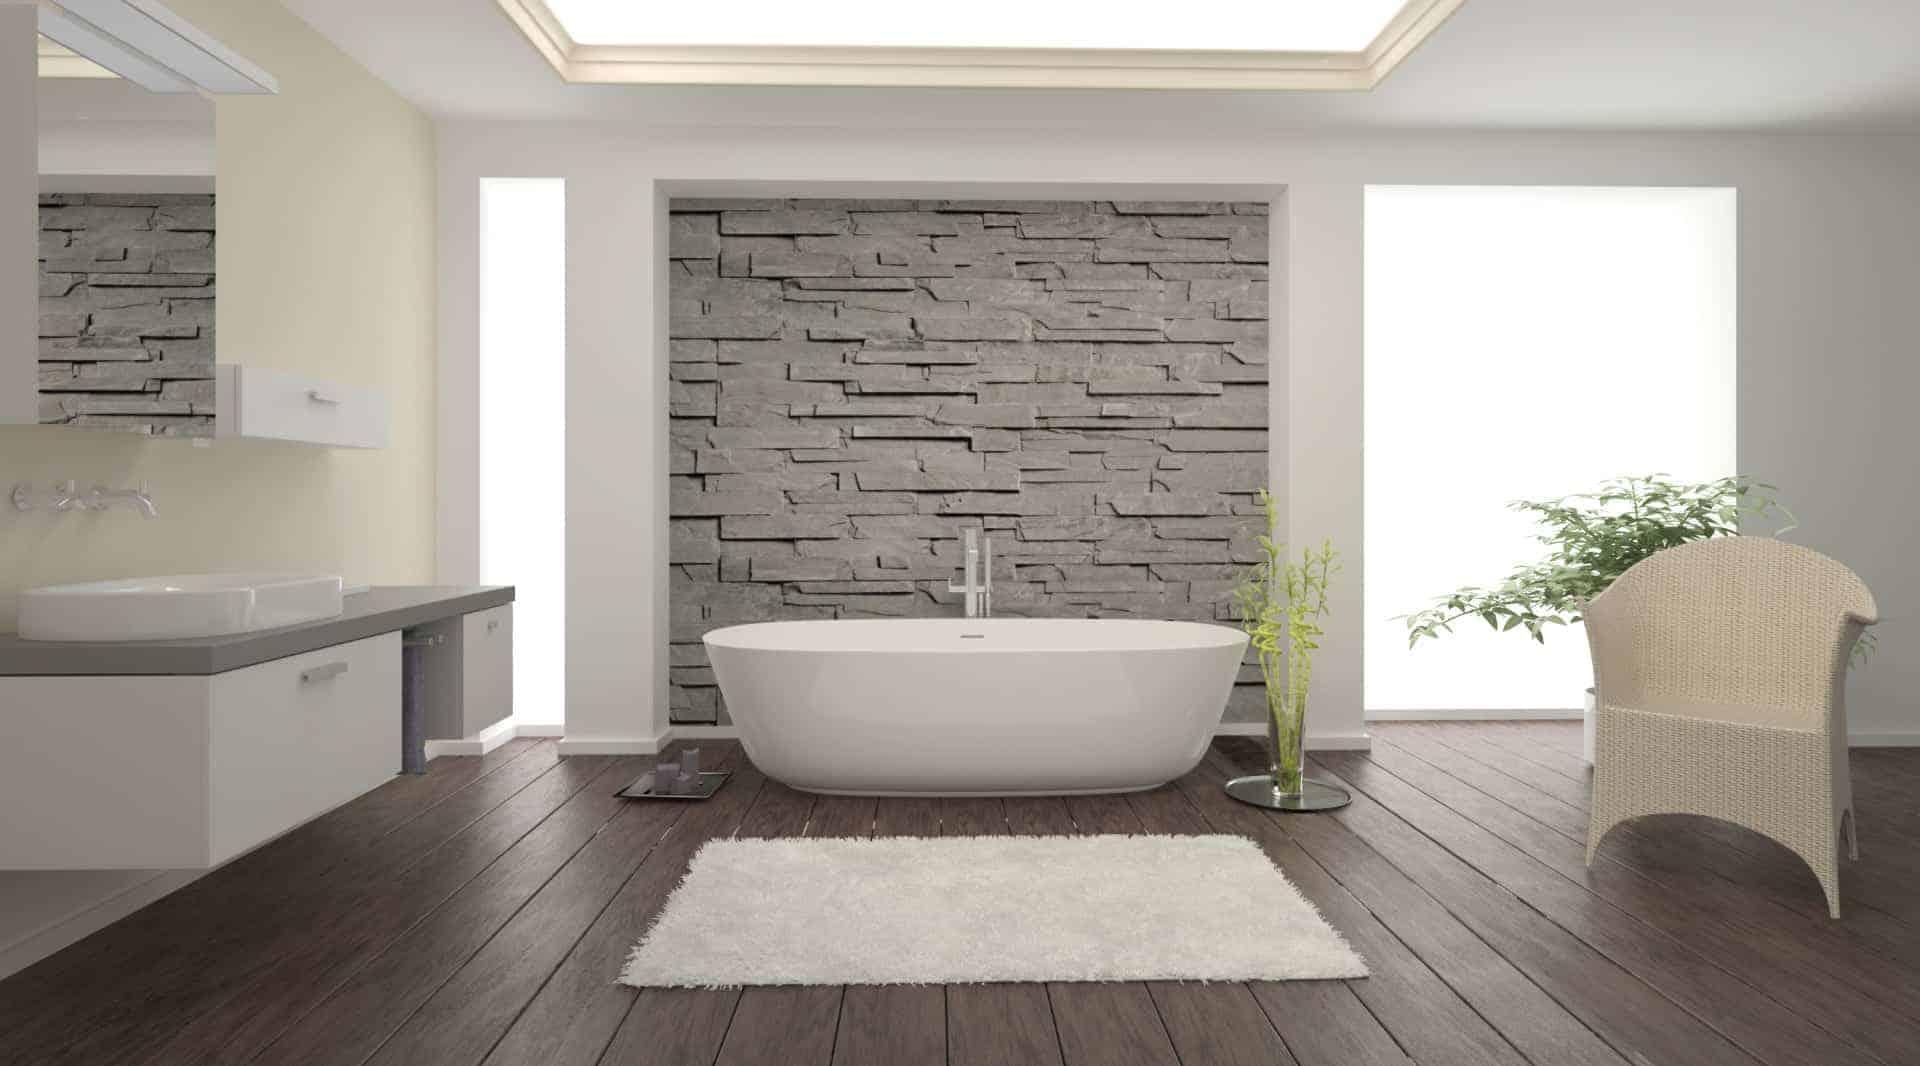 Fliesen für Bad, Boden, Wand. Fliesenleger Bialon, der Spezialist.